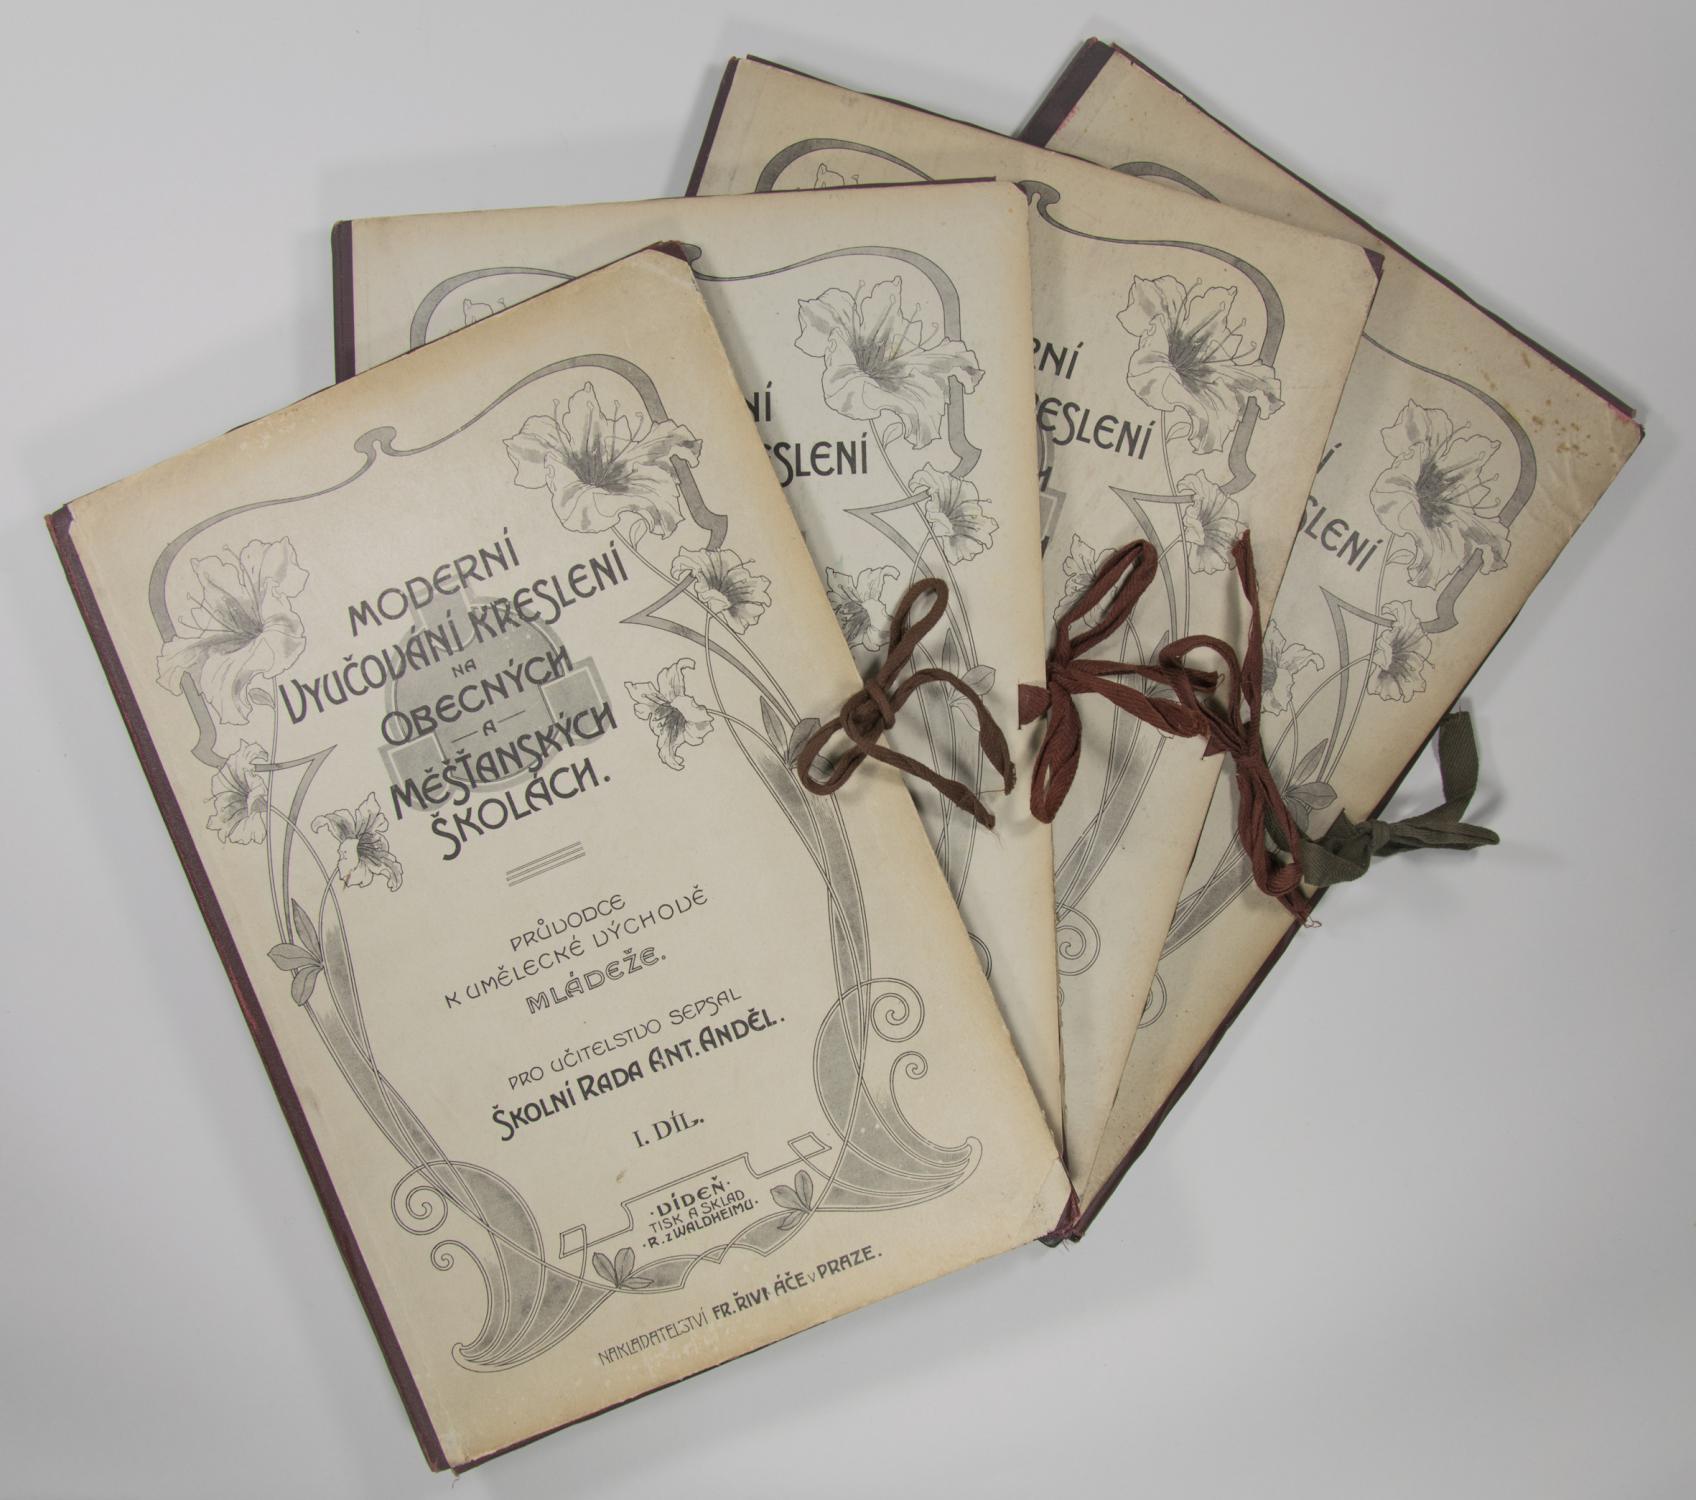 Vialibri Rare Books From 1903 Page 15